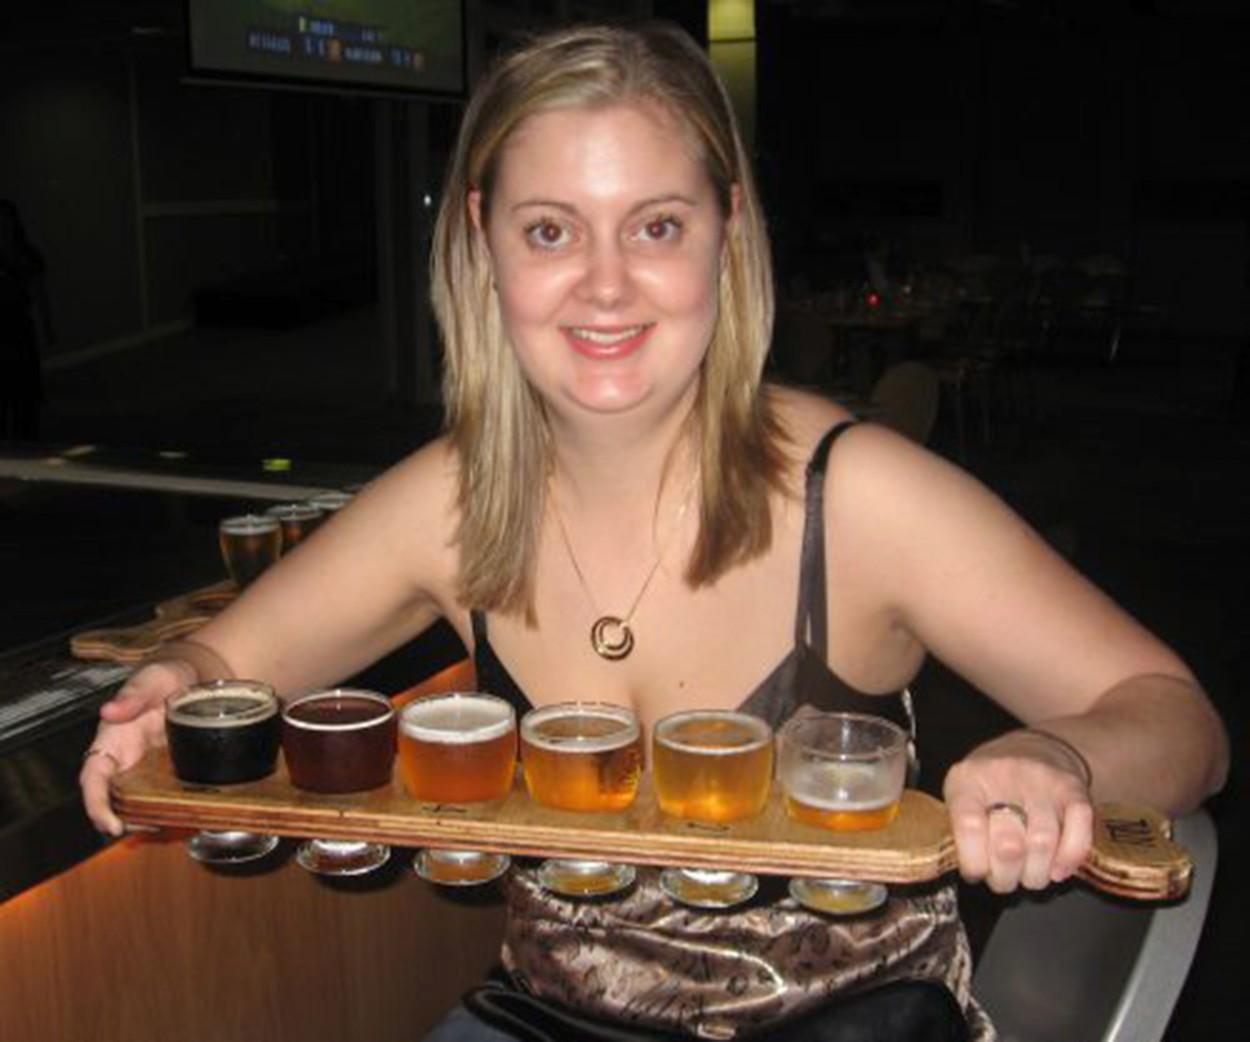 Samantha Hoult bea 12 beri și un litru de vodkă pe zi atunci când medicii i-au zis că va muri. Cum arată acum